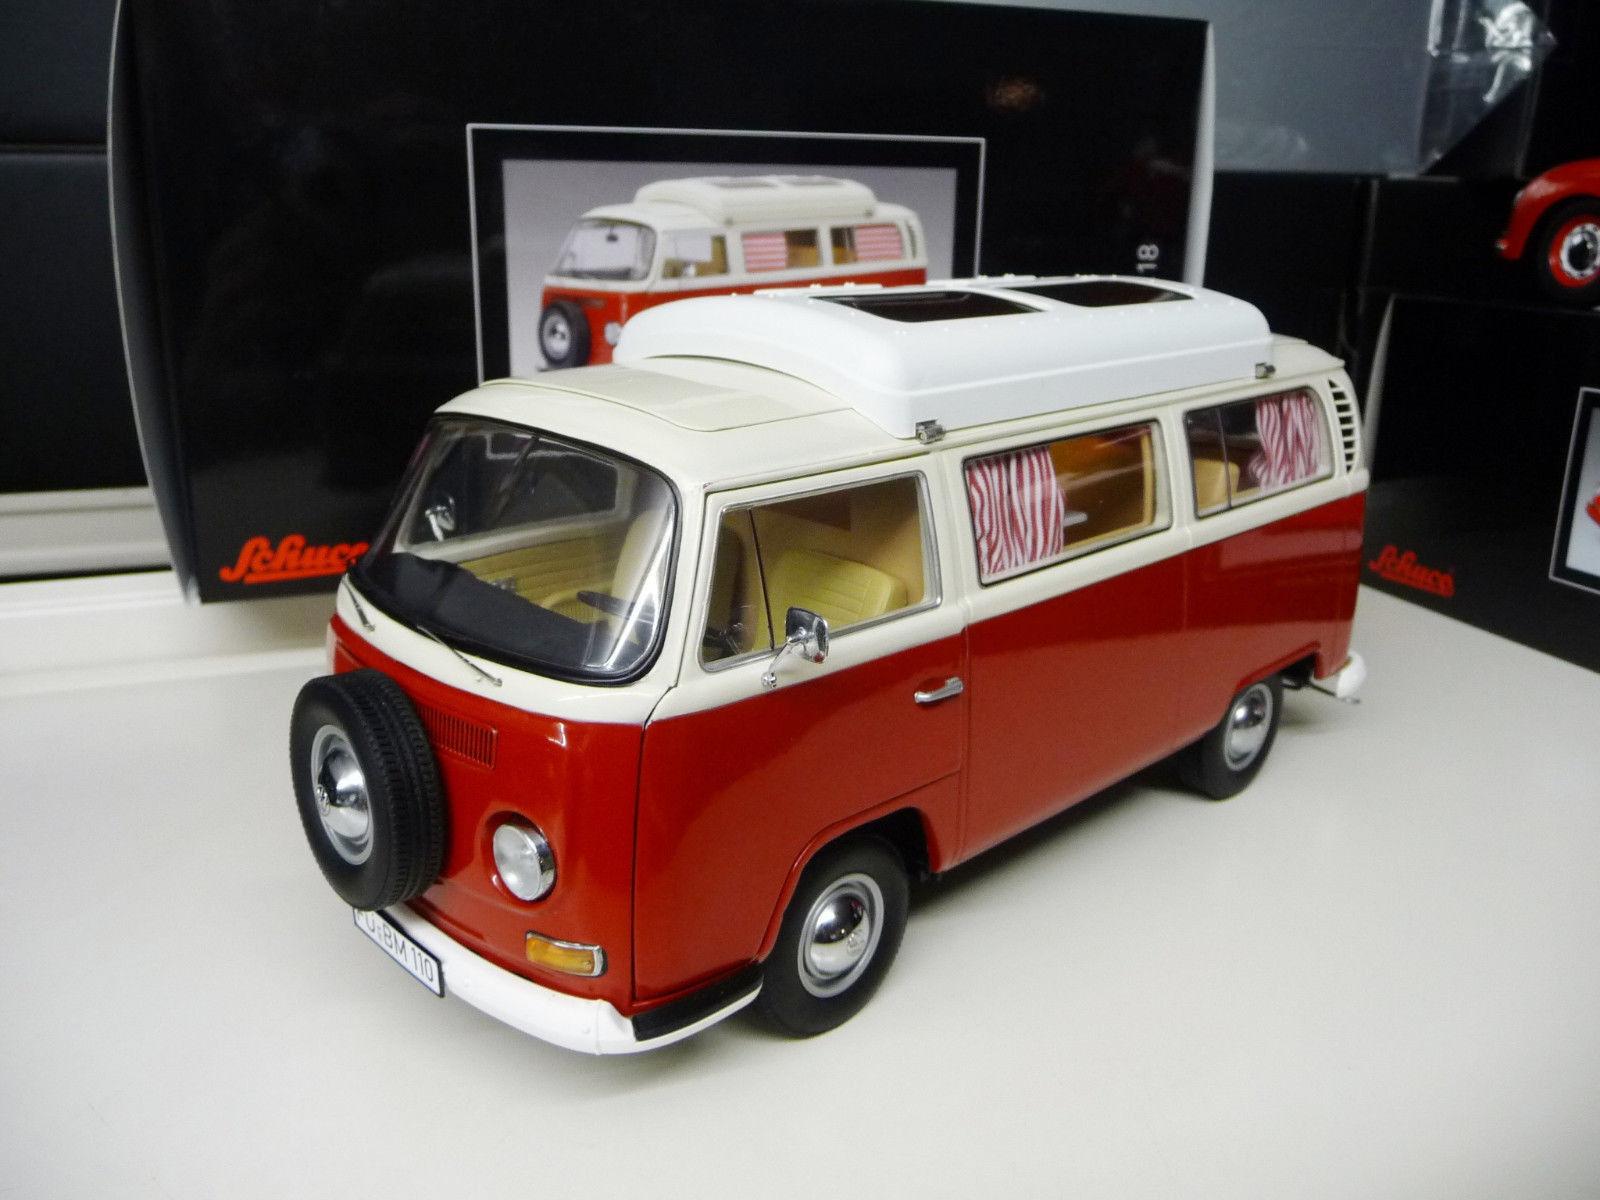 1:18 Schuco VW VOLKSWAGEN T2 Camper Autobús Rojo Blanco Nuevo 1:18 Envío Gratuito